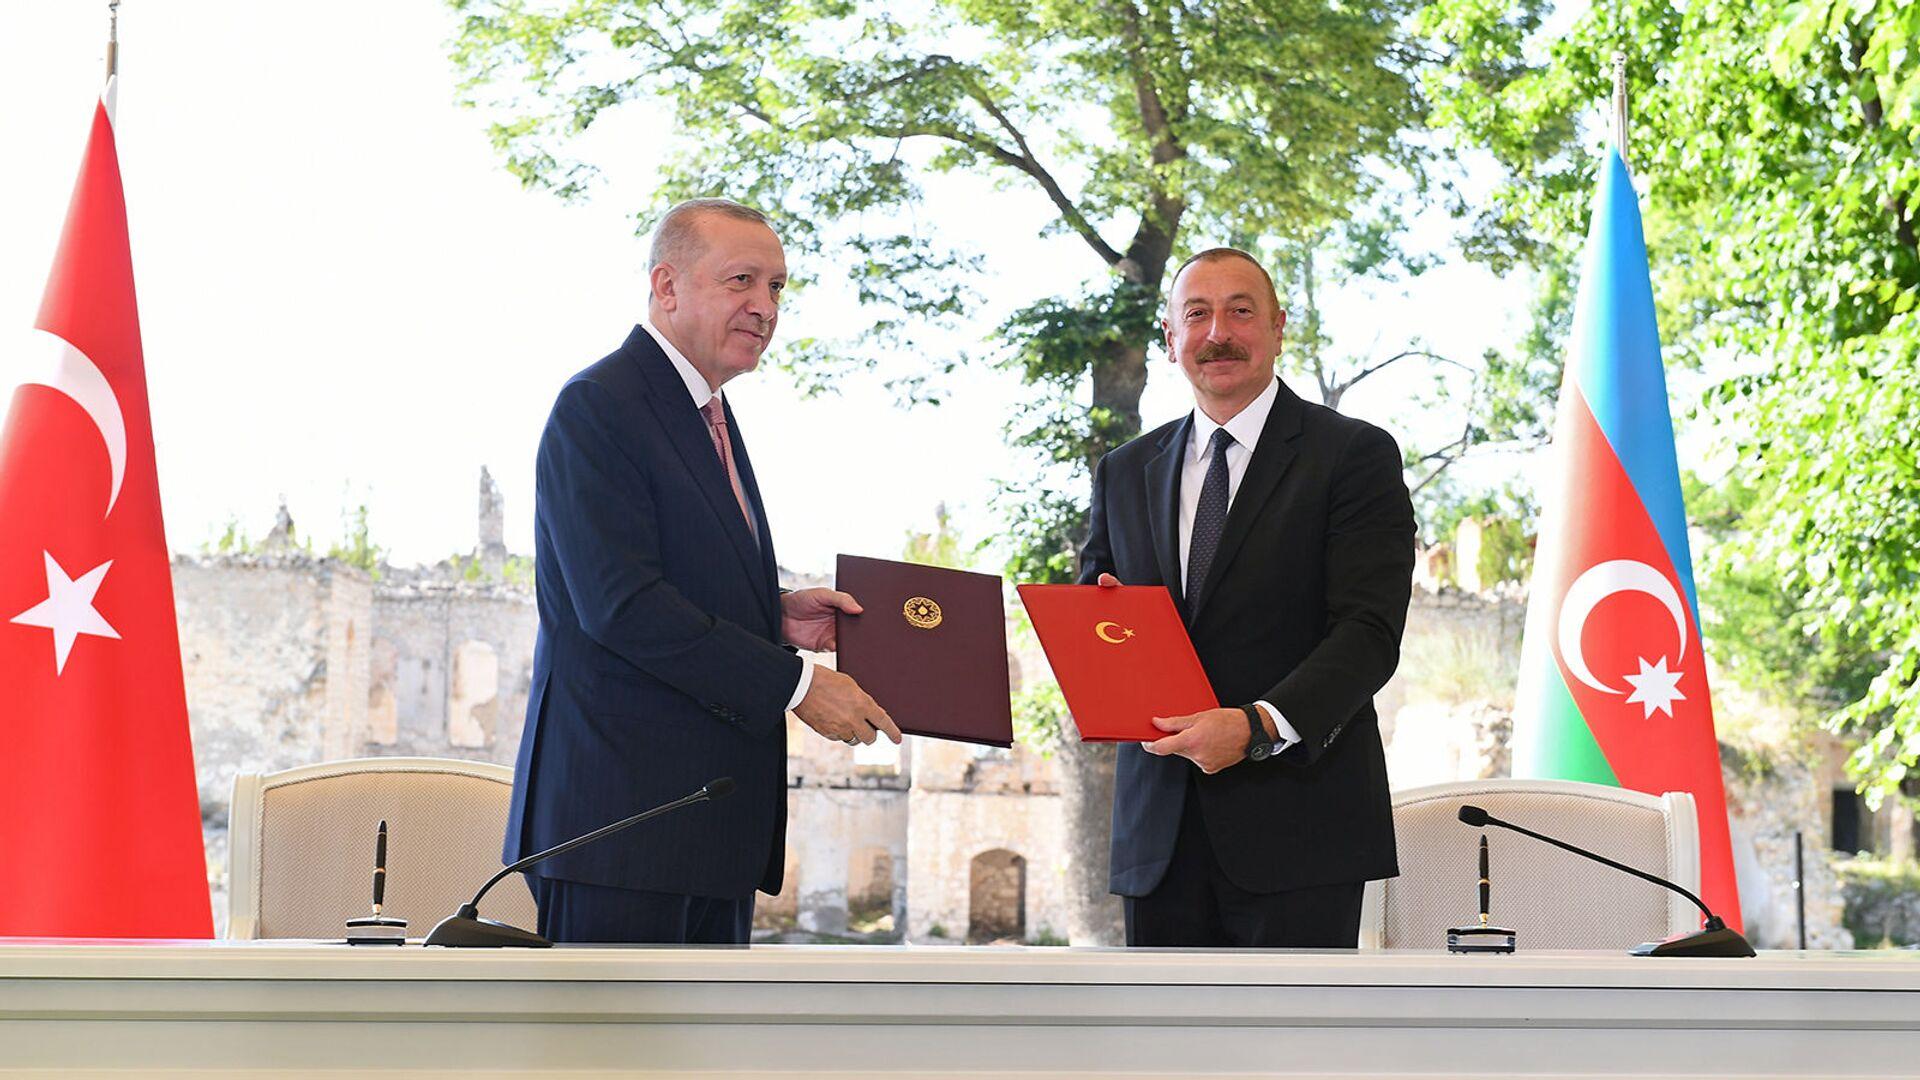 Президенты Турции и Азербайджана Реджеп Тайип Эрдоган и Ильхам Алиев подписывают декларацию о союзнических соглашениях (15 июня 2021). Шуши - Sputnik Արմենիա, 1920, 24.06.2021